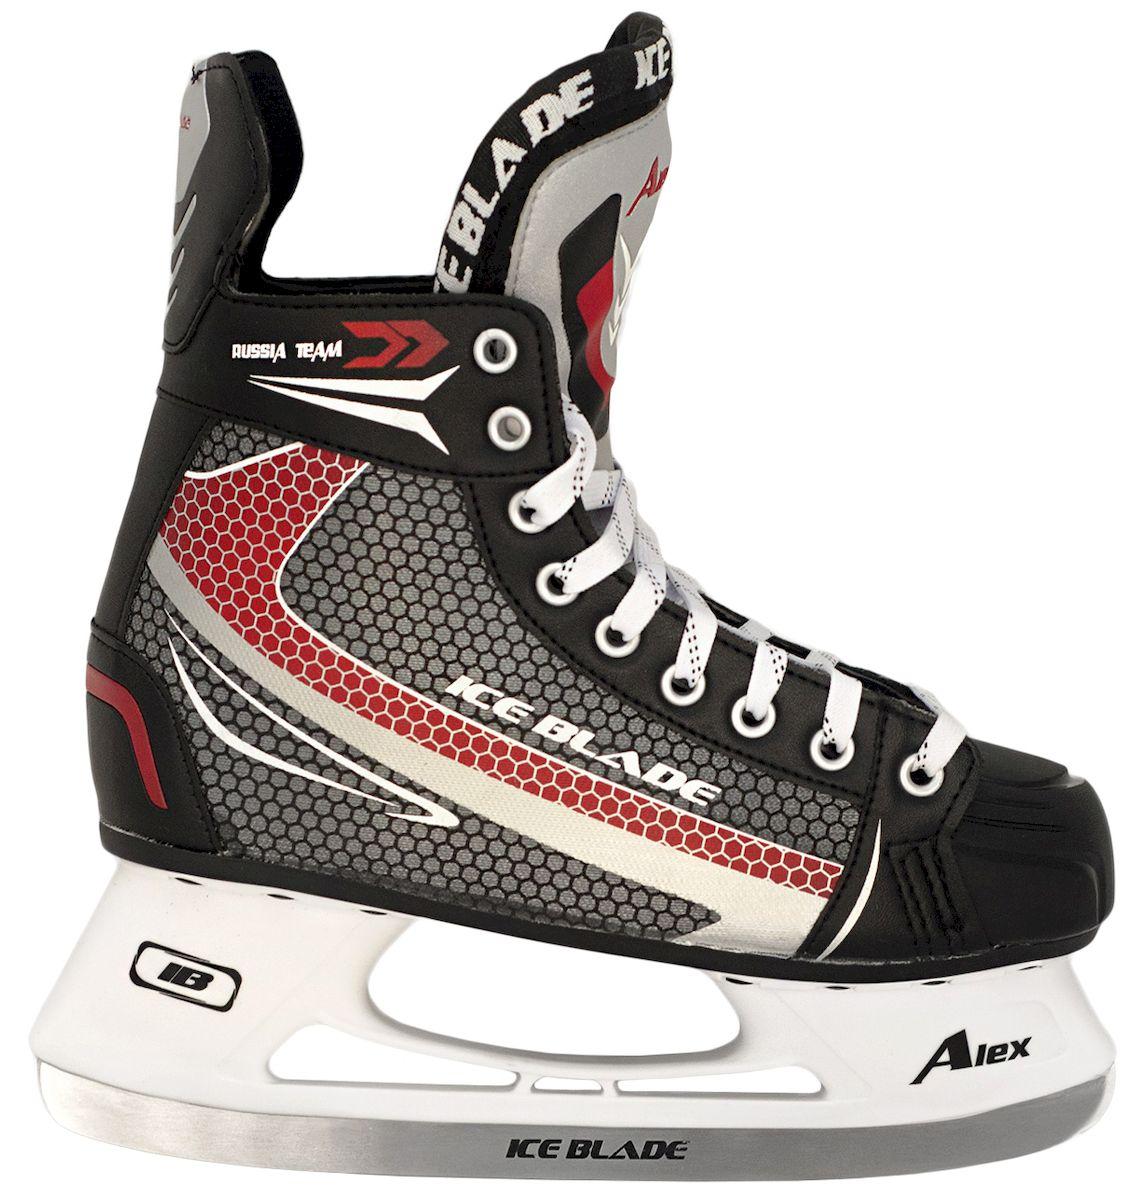 Коньки хоккейные Ice Blade Alex New, цвет: черный, красный, серый. УТ-00006868. Размер 47